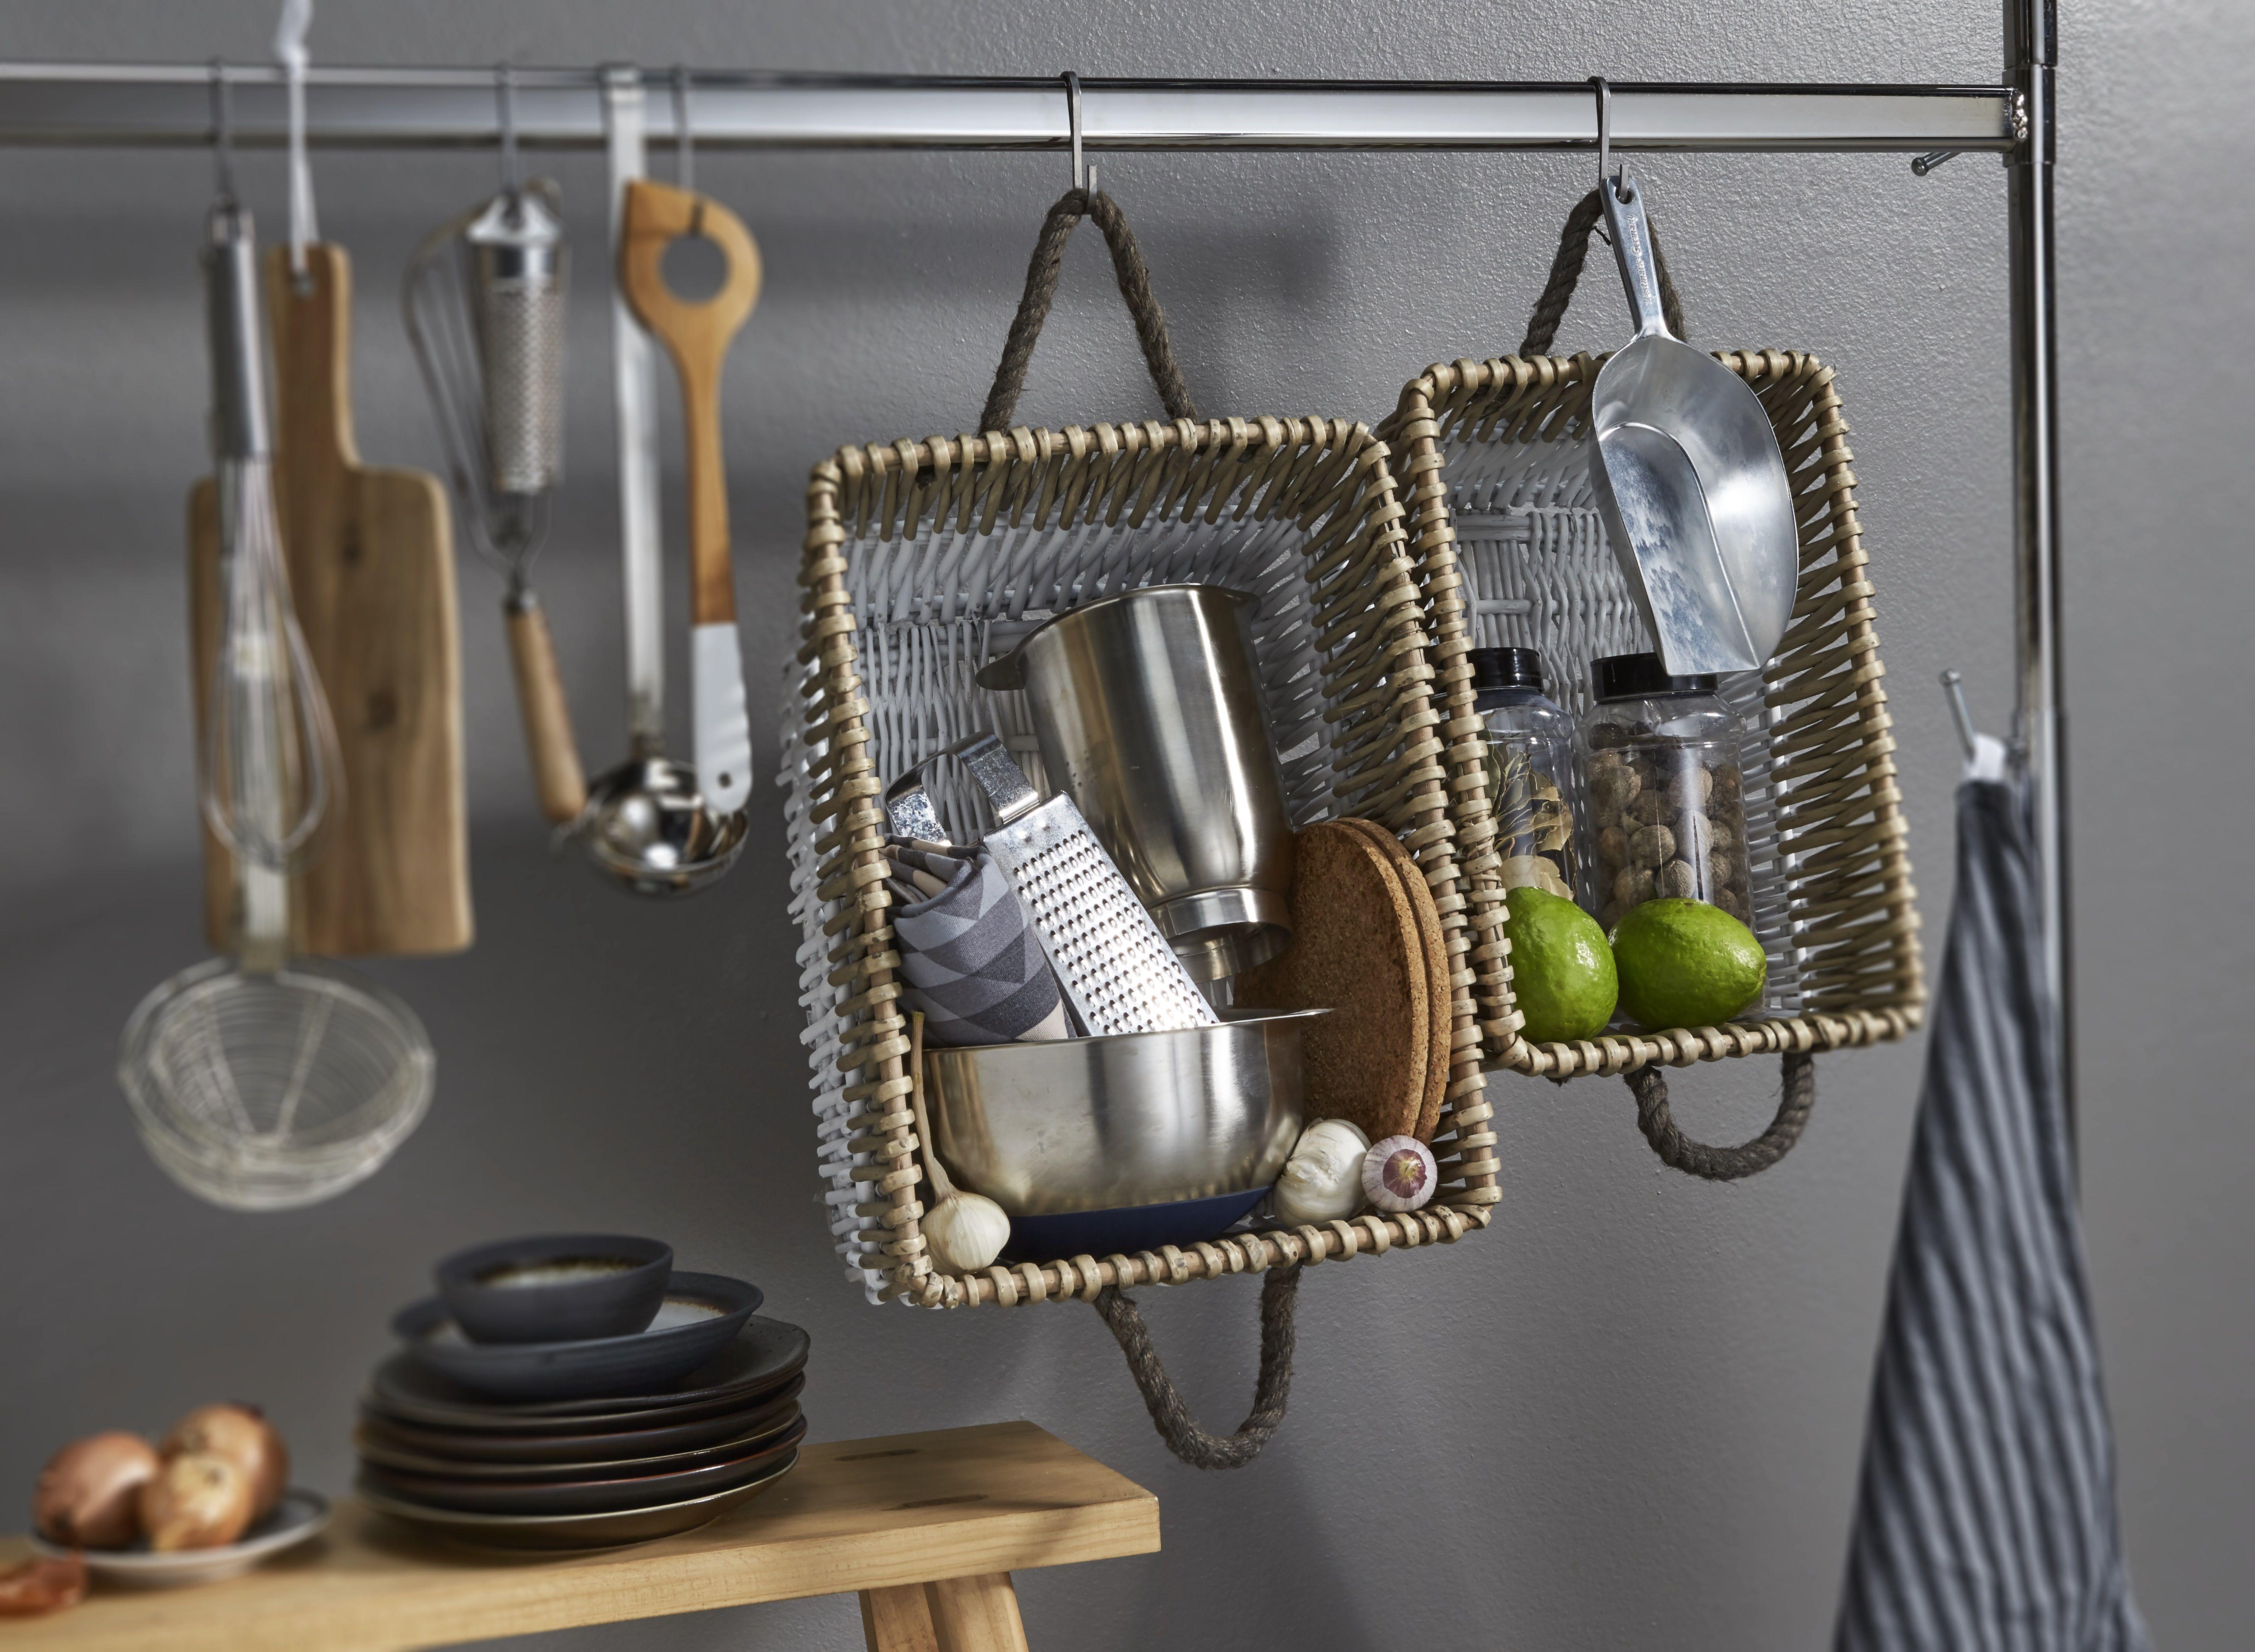 Opbergers Ikea Keuken : Opbergers ikea keuken voorraadkast opbergers stellingkast ikea